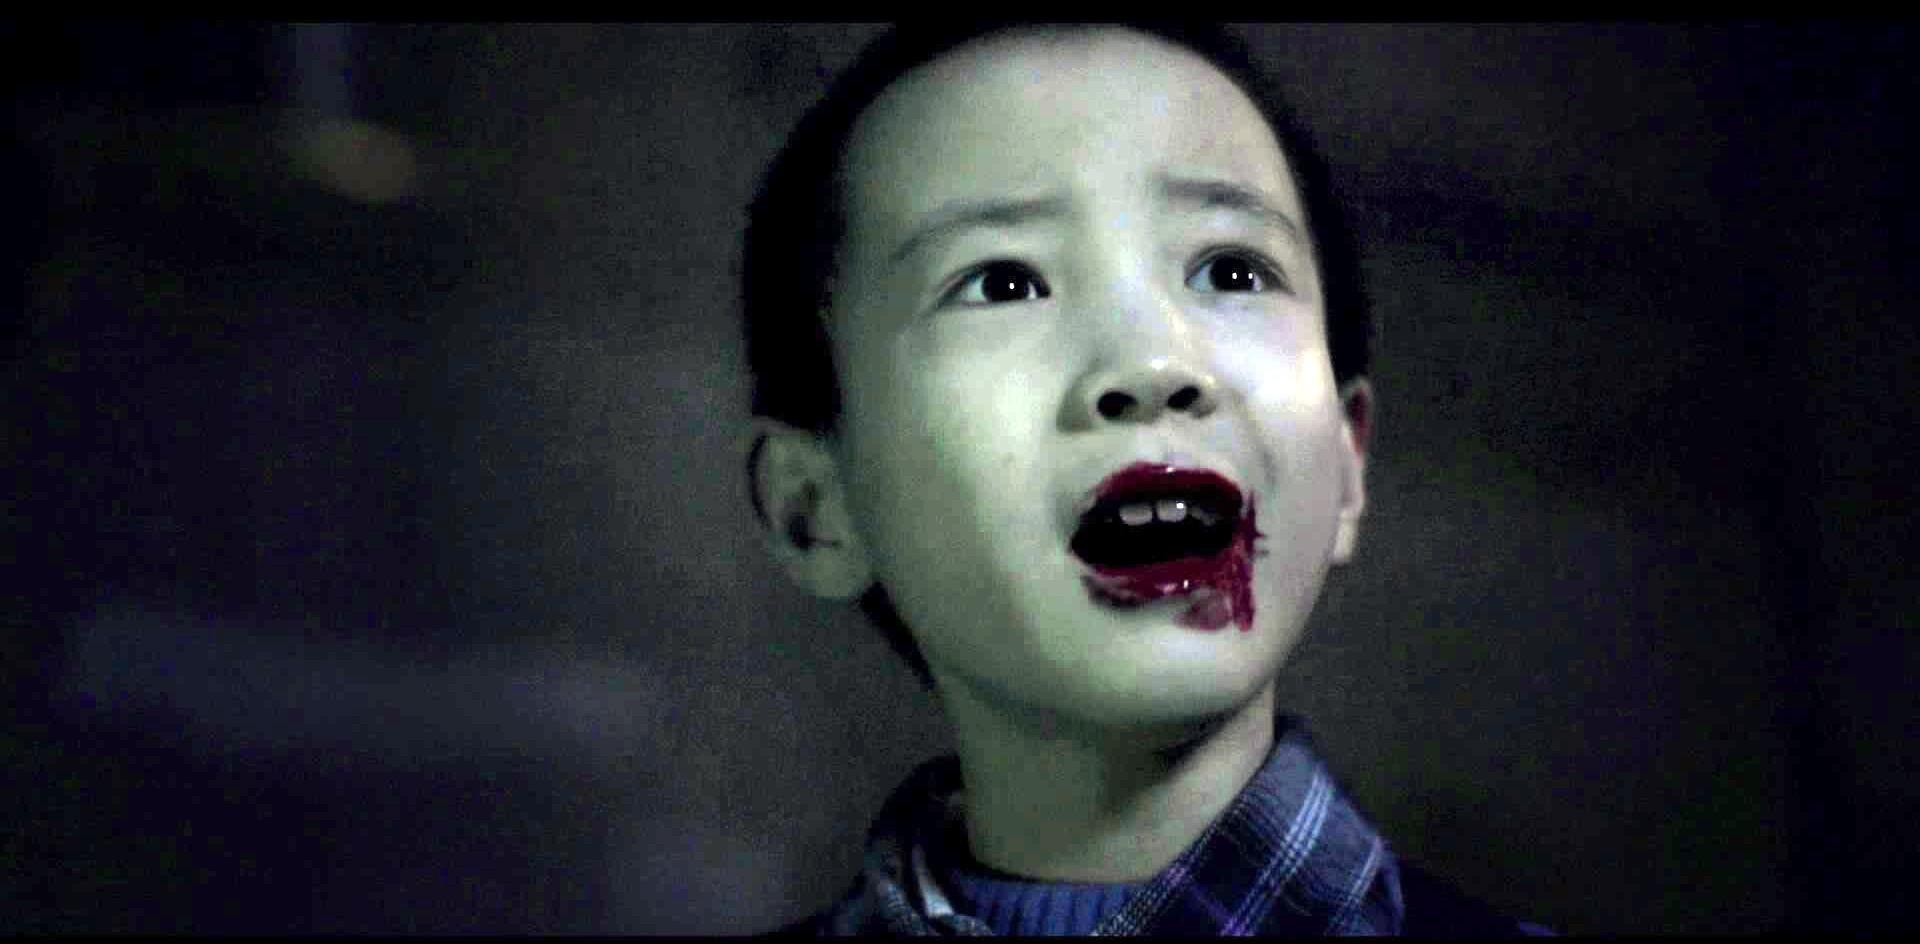 这个男人原来也是个吸血鬼